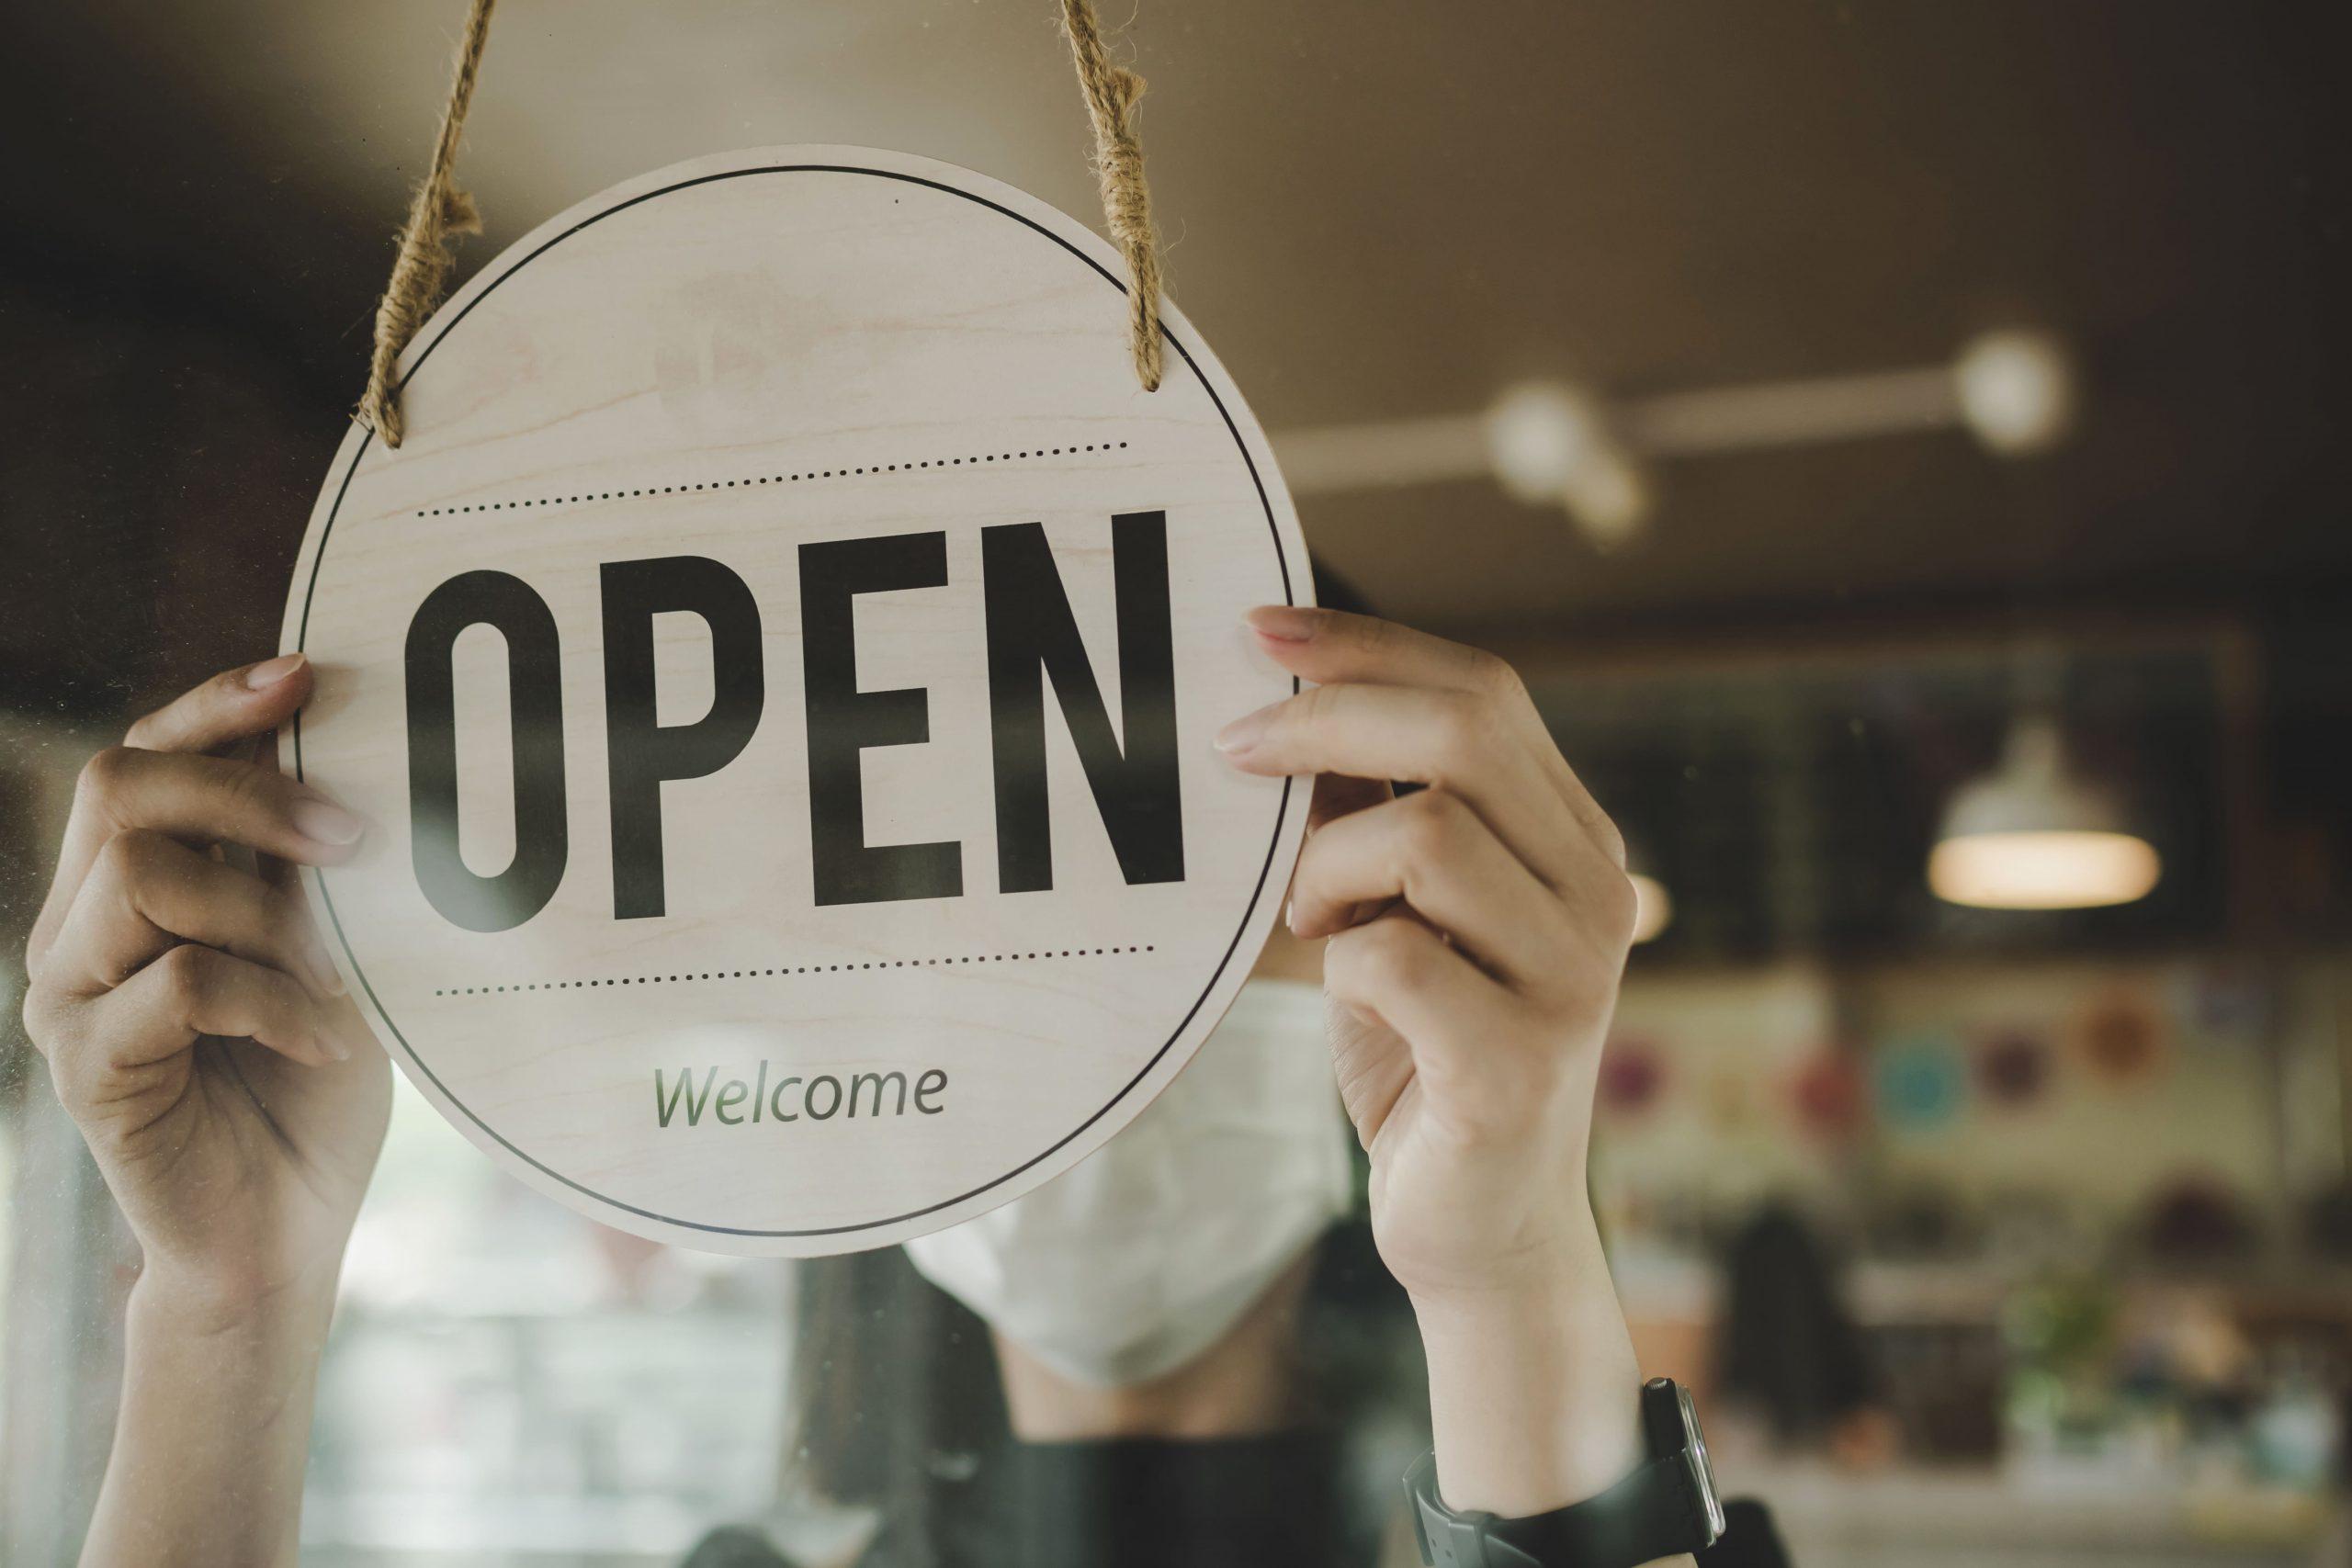 「自営業」とは?個人事業主やフリーランス、会社員との違いを解説!